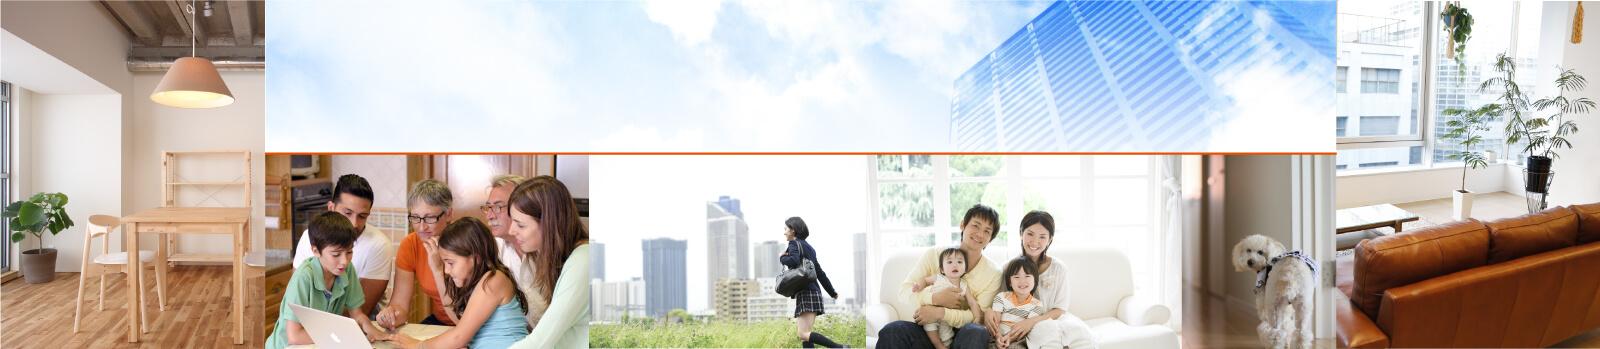 東京で賃貸保証のサービスを提供する会社をお探しなら【株式会社アドヴェント】へ